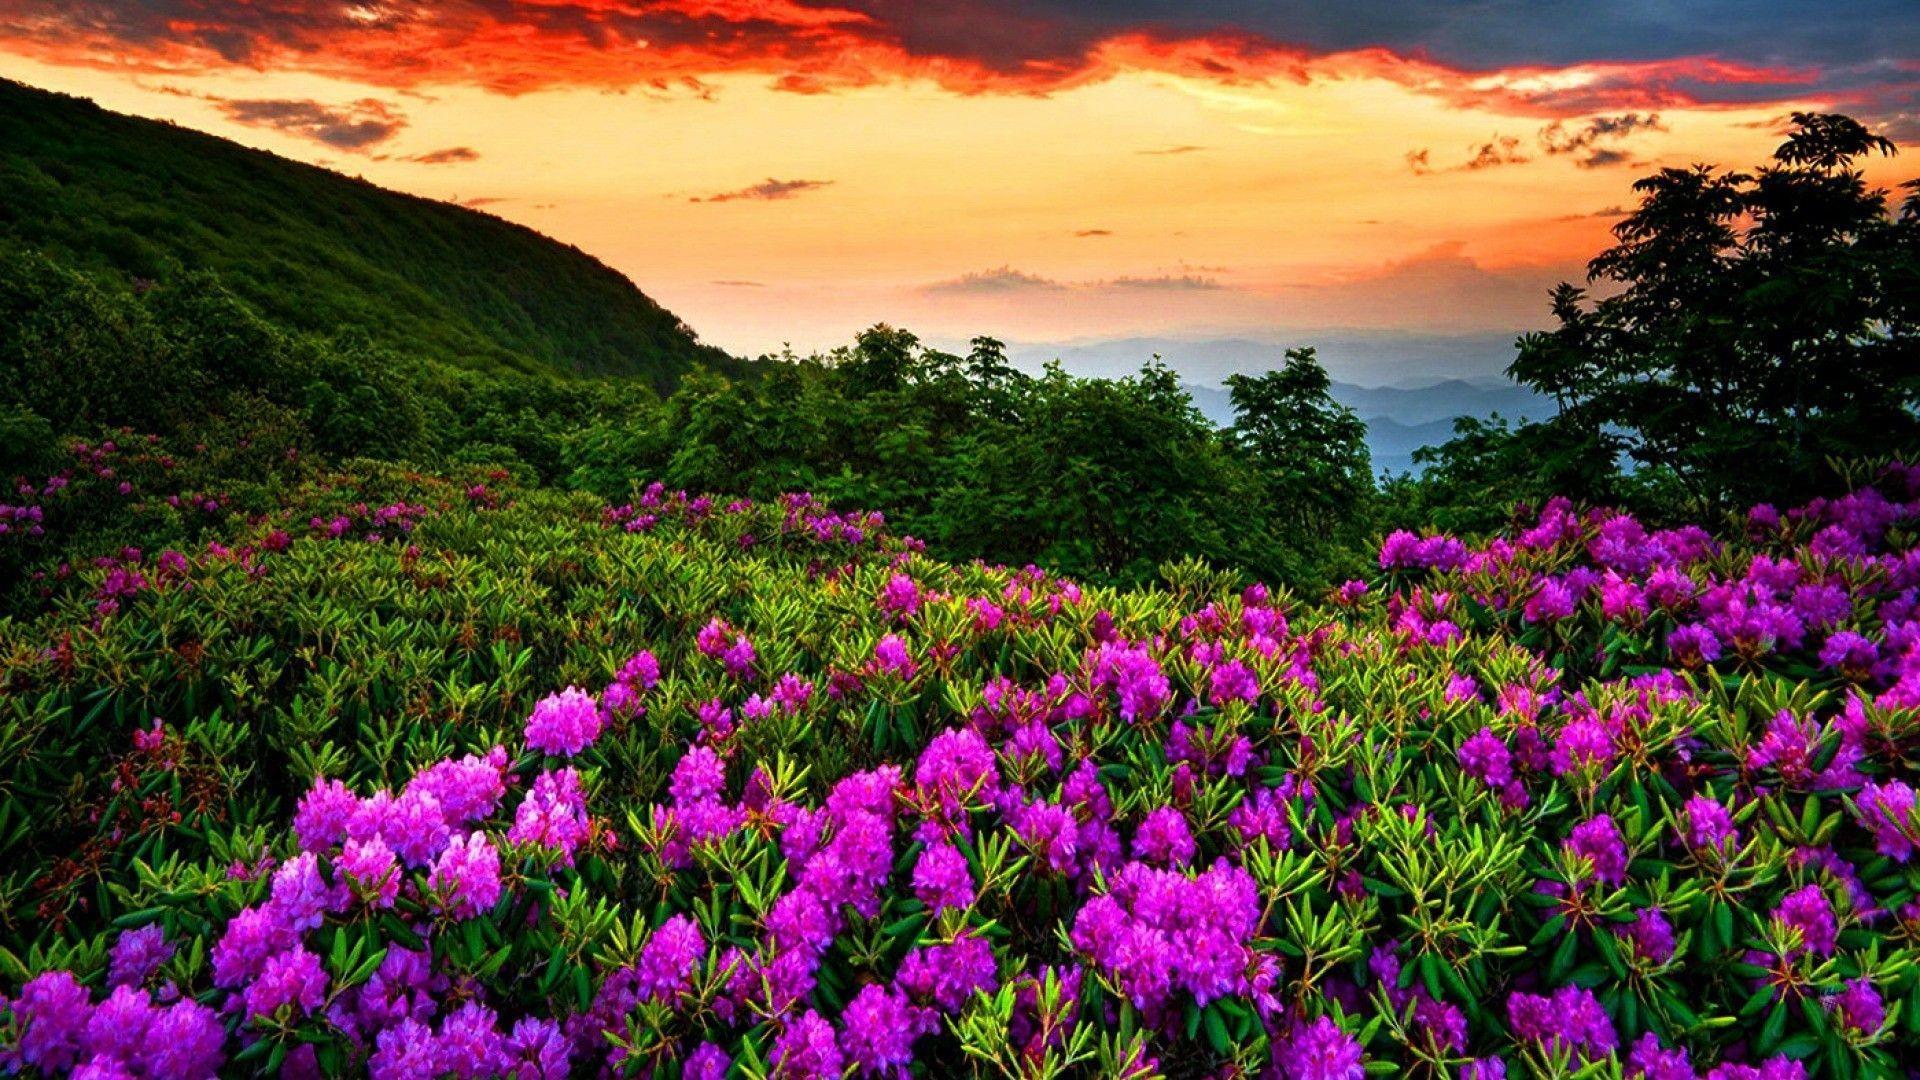 Beautiful Nature Wallpaper Spring